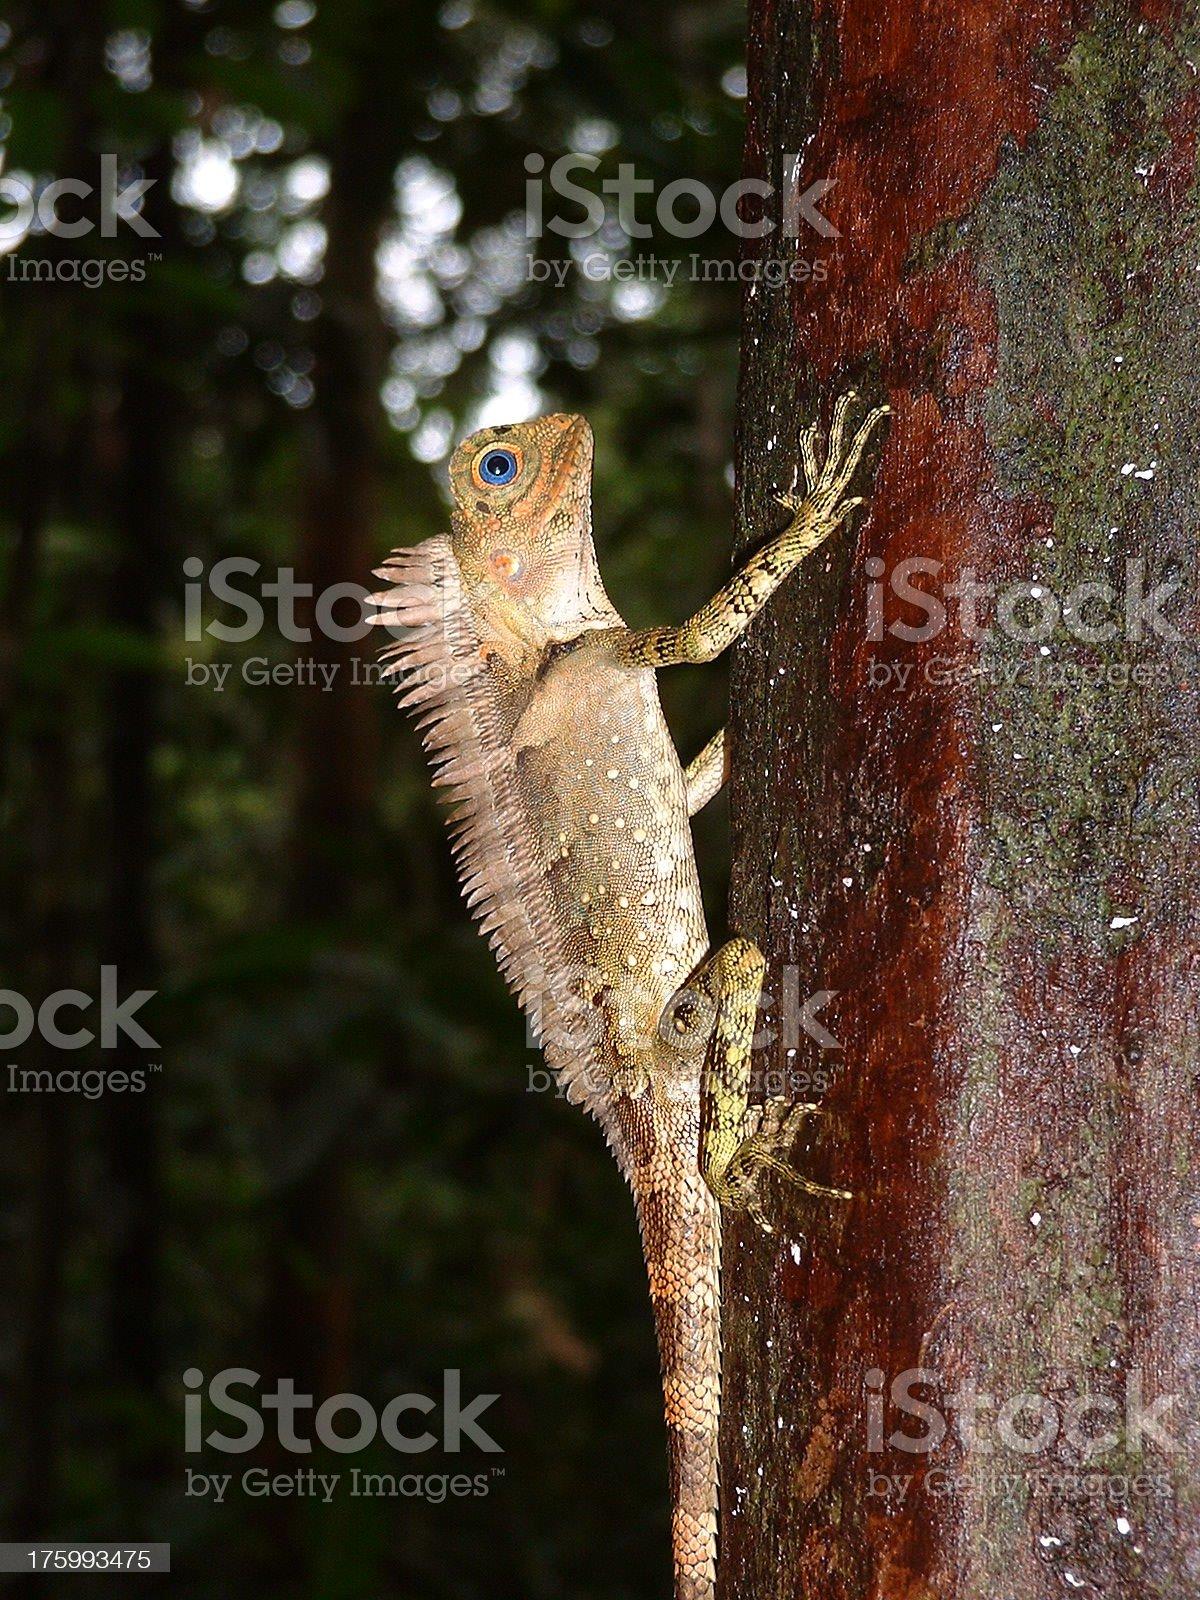 Malaysian tree lizard royalty-free stock photo